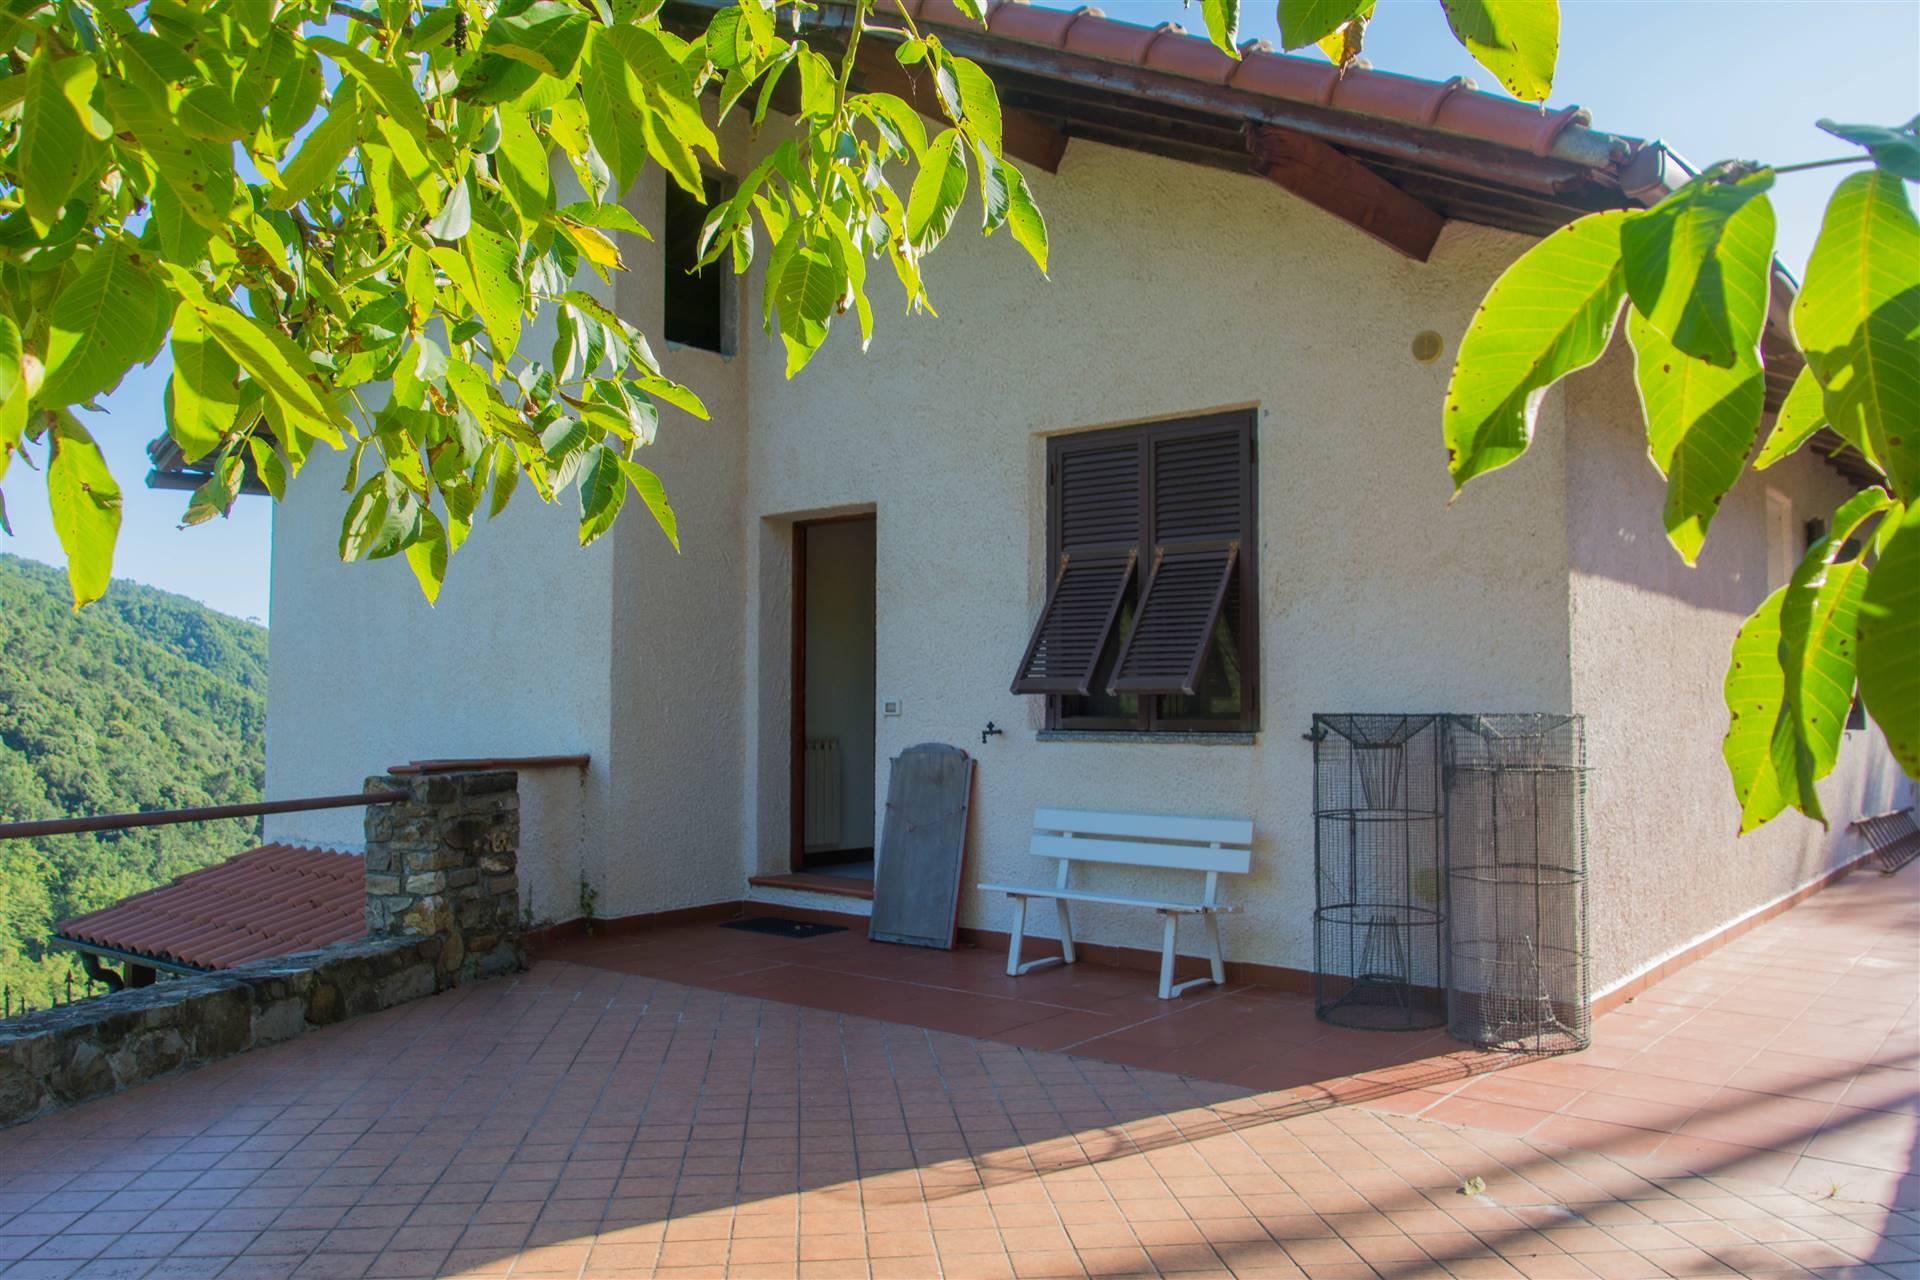 Villa in vendita a Seborga, 5 locali, prezzo € 360.000   PortaleAgenzieImmobiliari.it